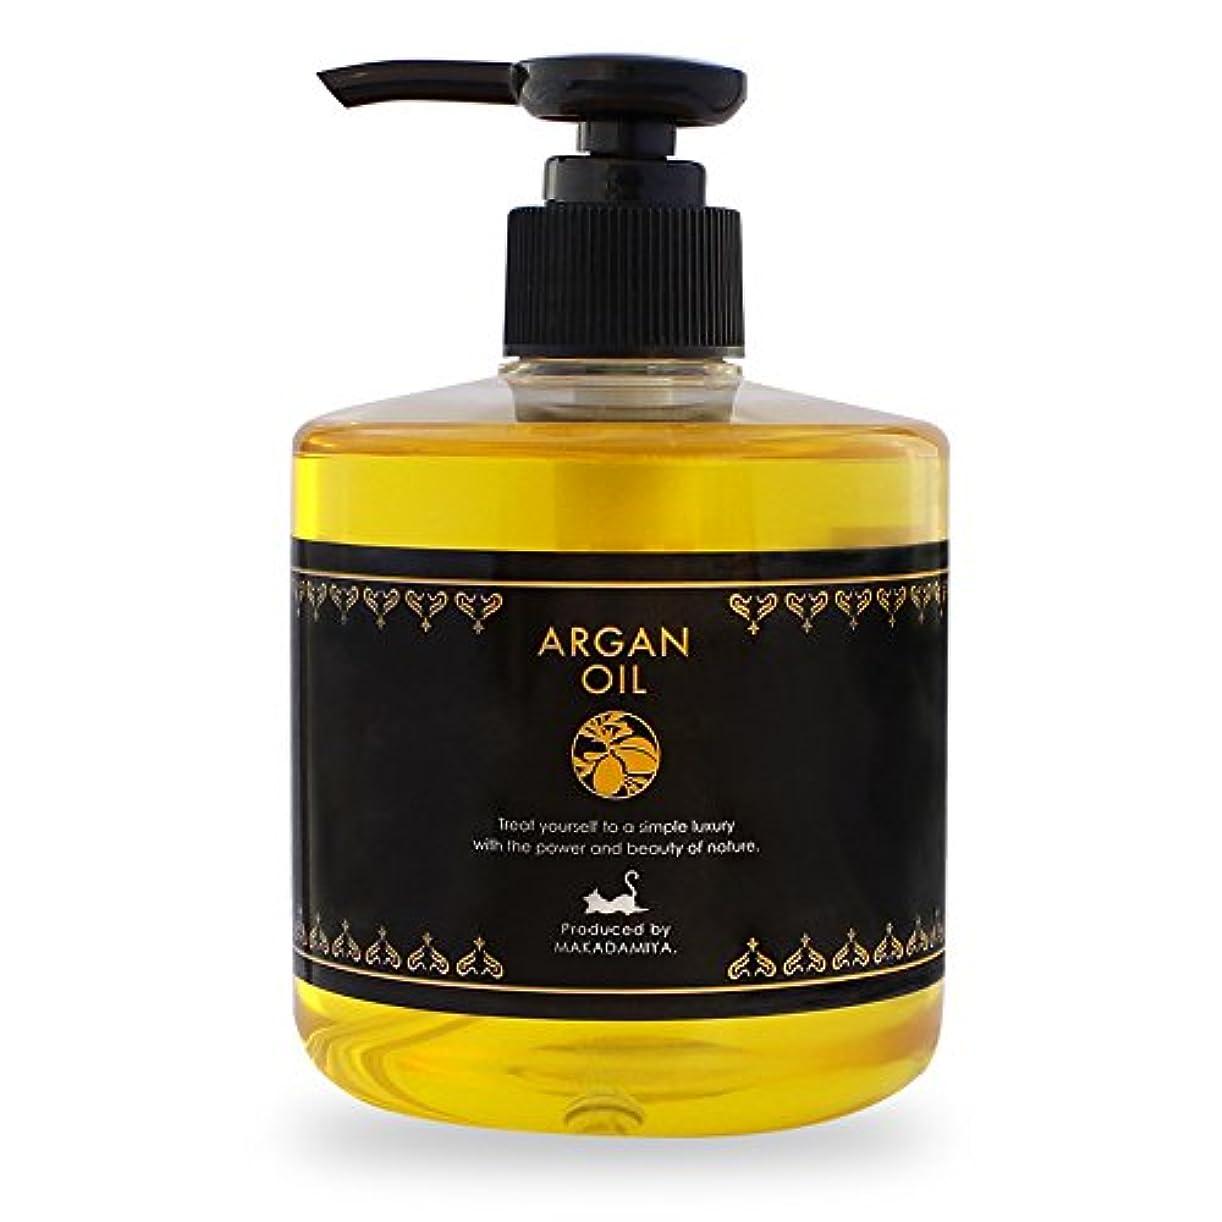 盗難ほとんどない引き付けるアルガンオイル300ml モロッコ原産 天然100%無添加 ボタニカルオイル